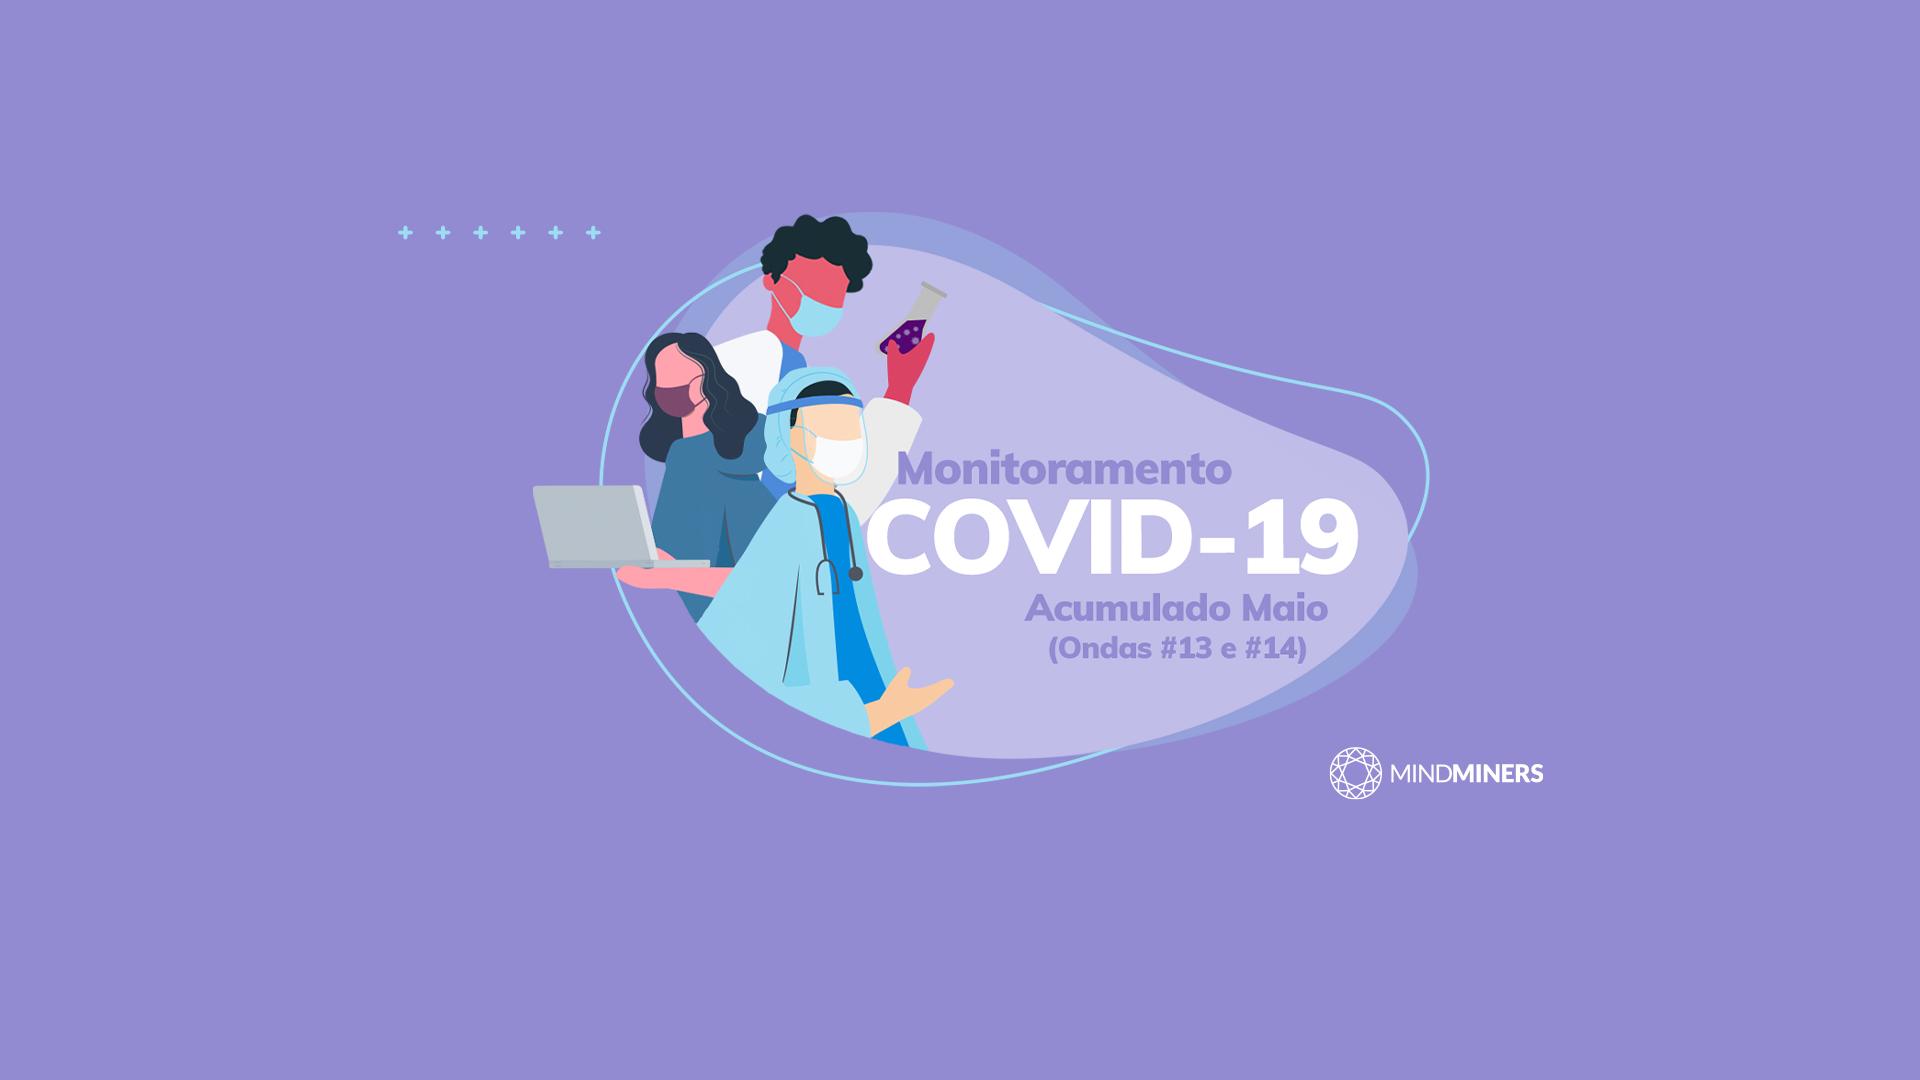 Monitoramento COVID-19: 13ª e 14ª ondas